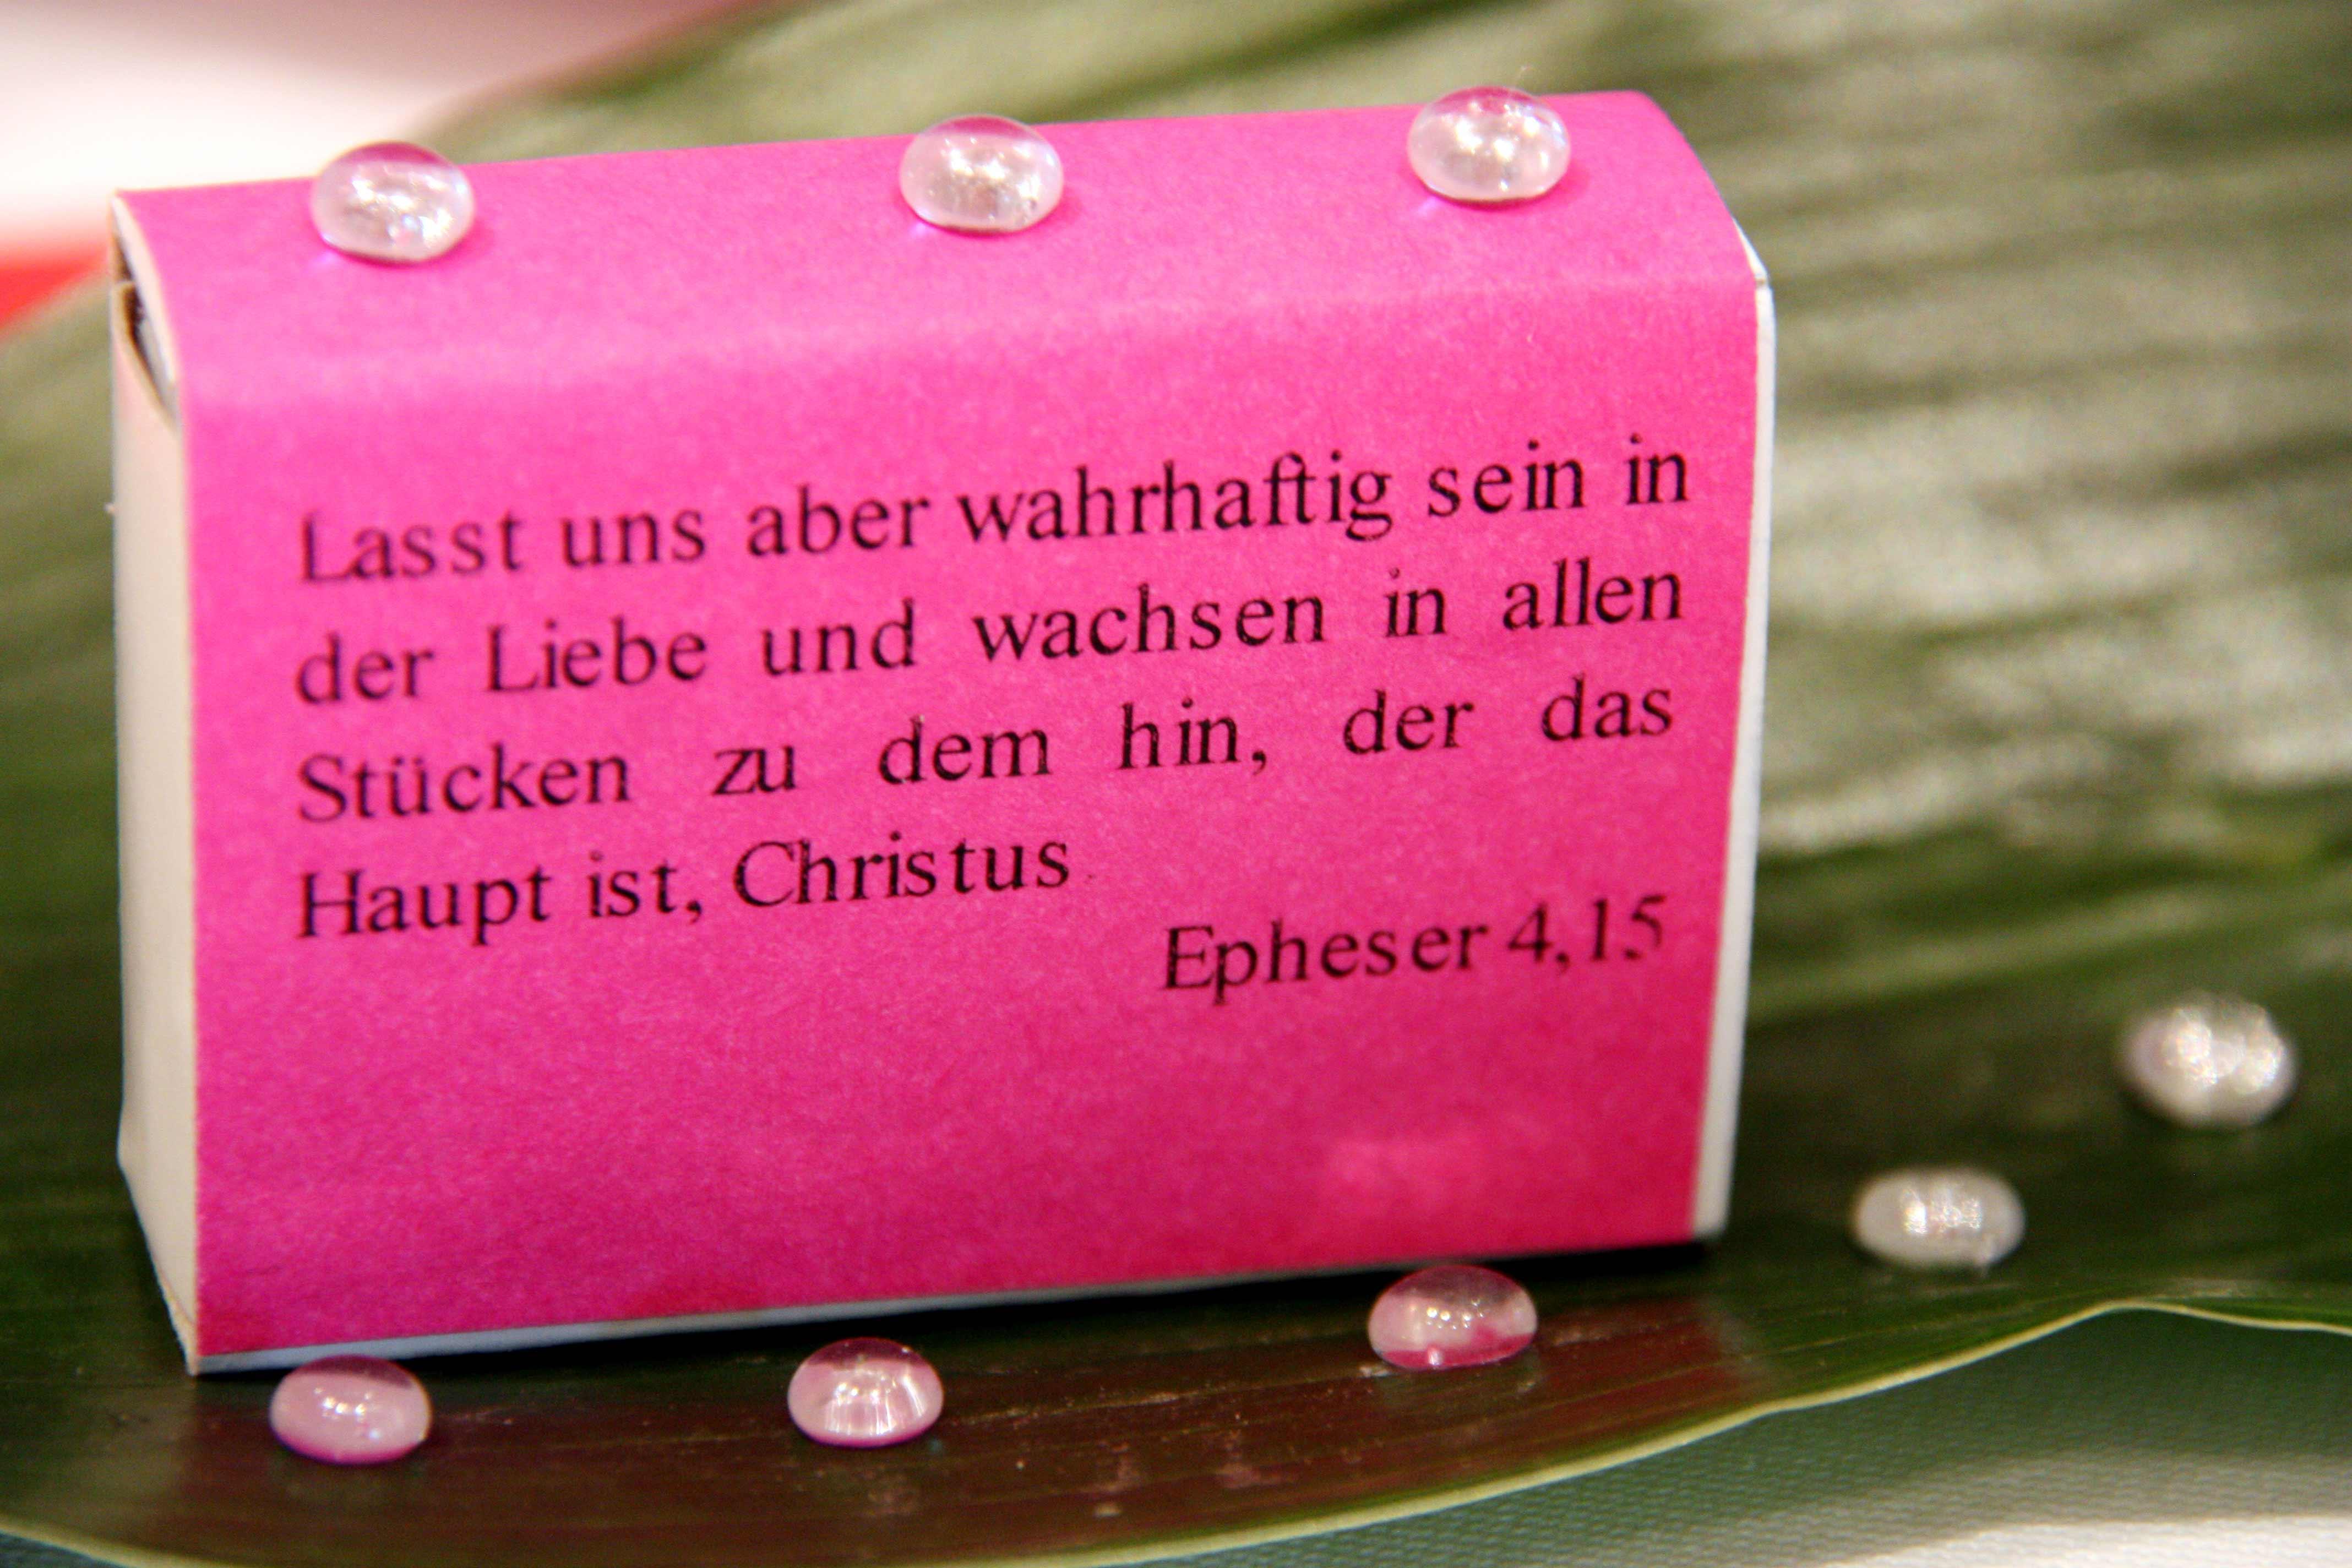 Startseite Hochzeitssprüche Hochzeitswünsche Hochzeitsgedichte ...